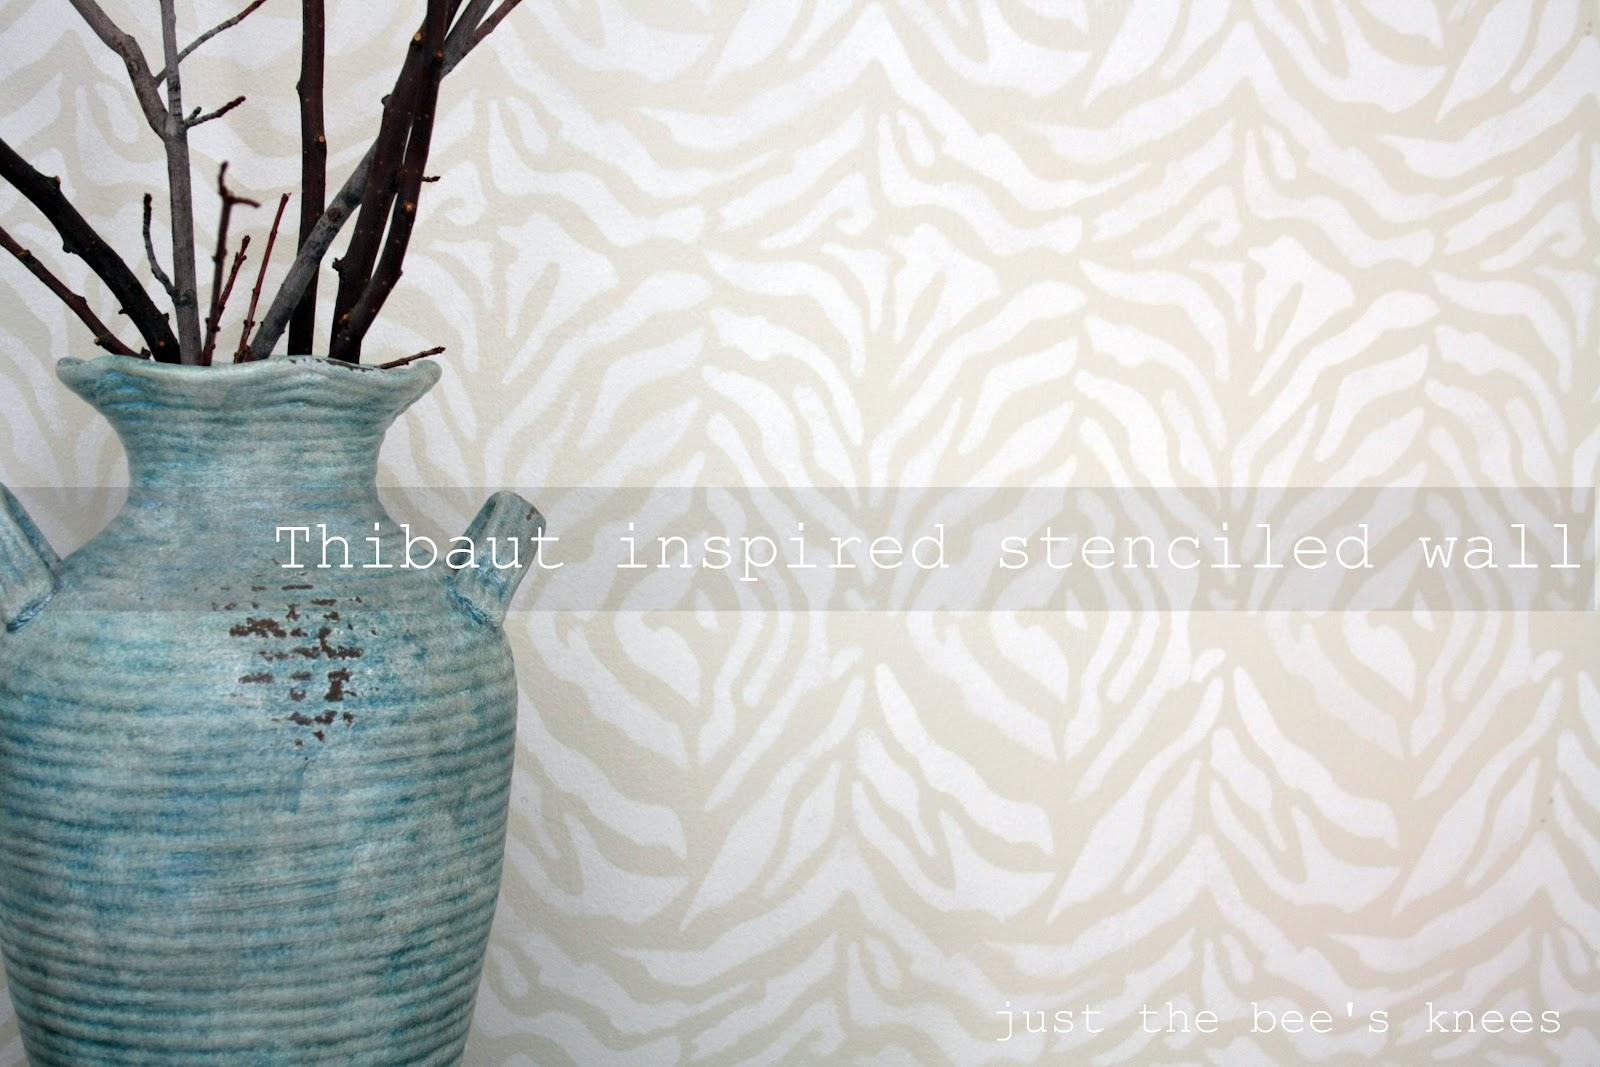 http://4.bp.blogspot.com/-IkivJxdy2Xc/T2uKfUIlpUI/AAAAAAAAA8o/X9YRdzOsMdQ/s1600/thibaut+inspired+stenciled+wall.jpg